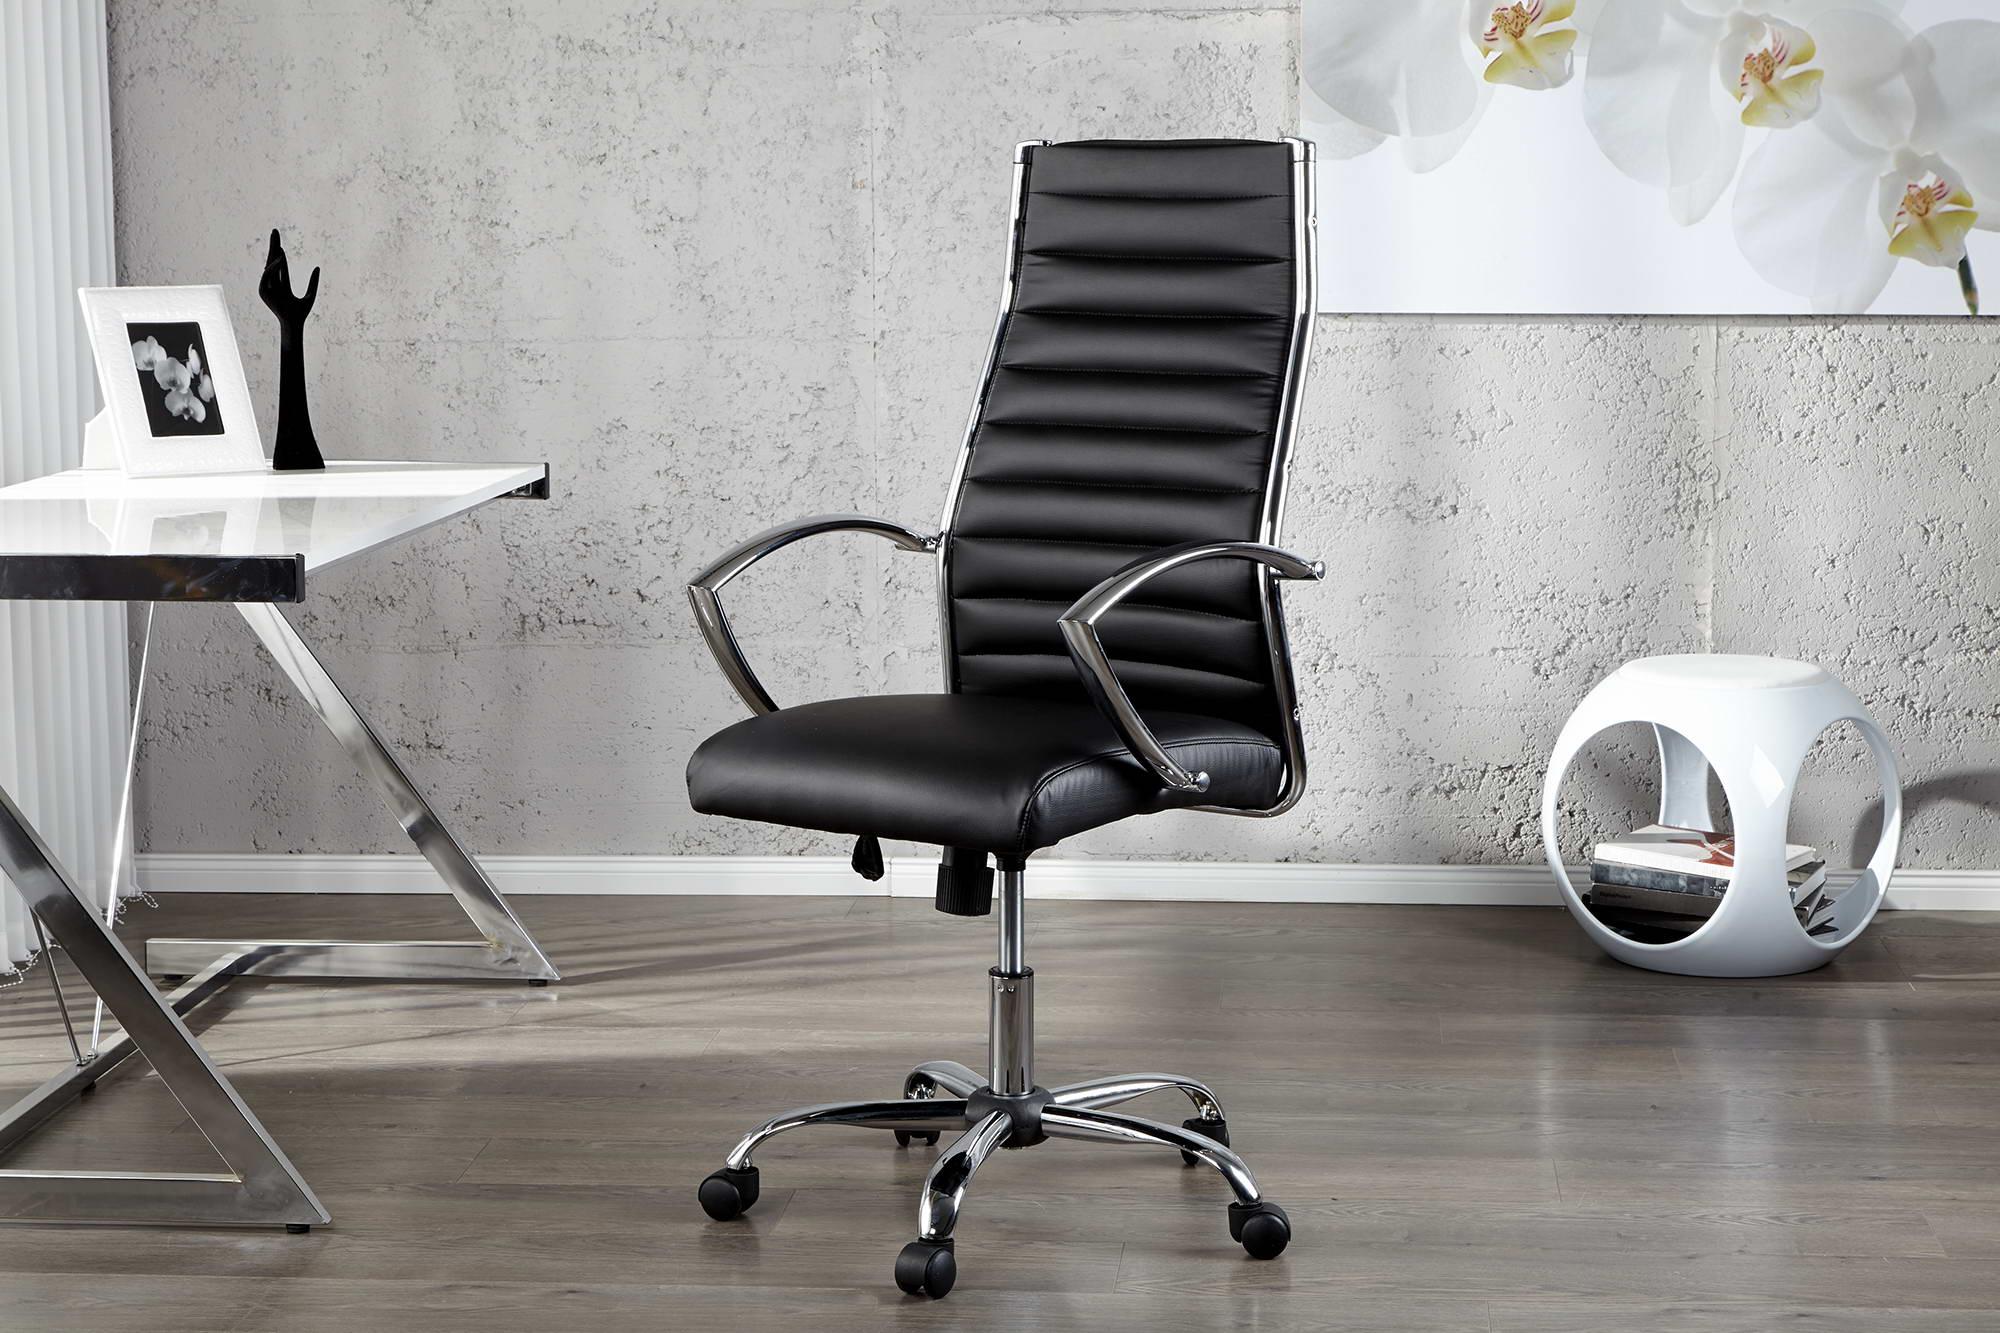 """Táto exkluzívna kancelárska stolička """"Boss"""" s opierkami v chróme vyzerá nielen elegantne, ale je takisto veľmi pohodlná a komfortná. Stolička je čalúnená čiernou syntetickou kožou. Stolička je výškovo nastaviteľná a na kolieskach. Vďaka modernému vzhľadu sa hodí nielen do kancelárie, ale aj do domácnosti. kov / syntetická koža / 100 % polyuretán"""